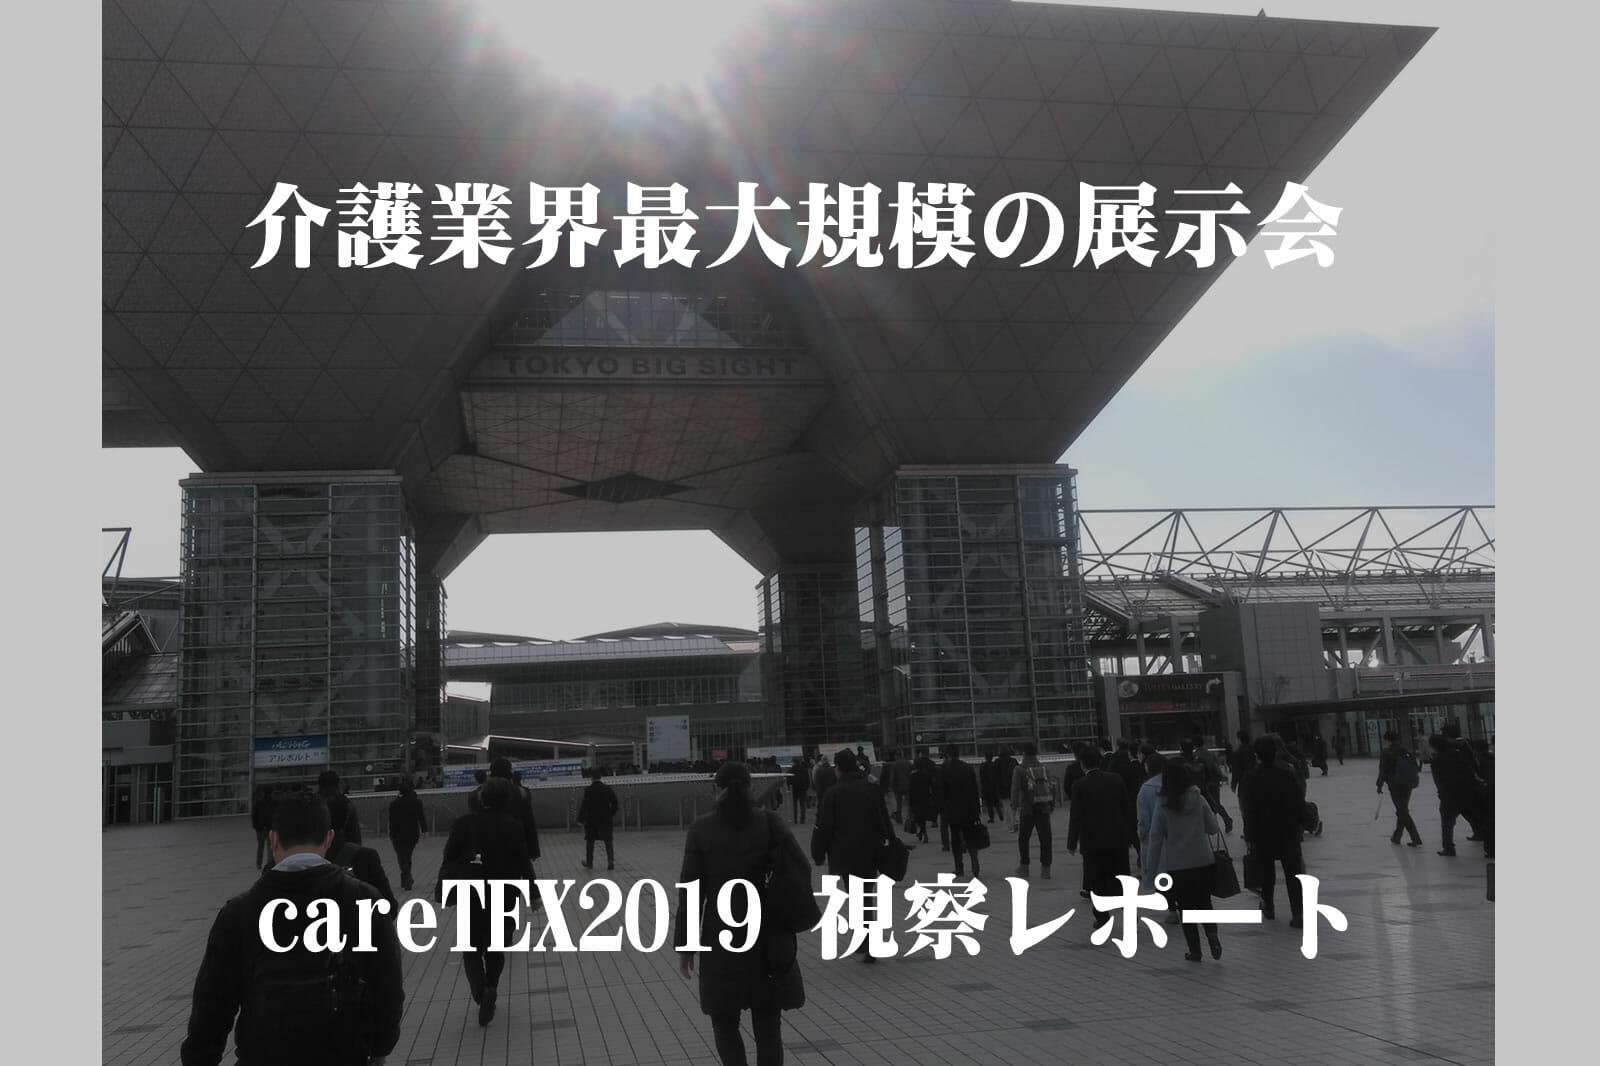 caretex2019視察レポート